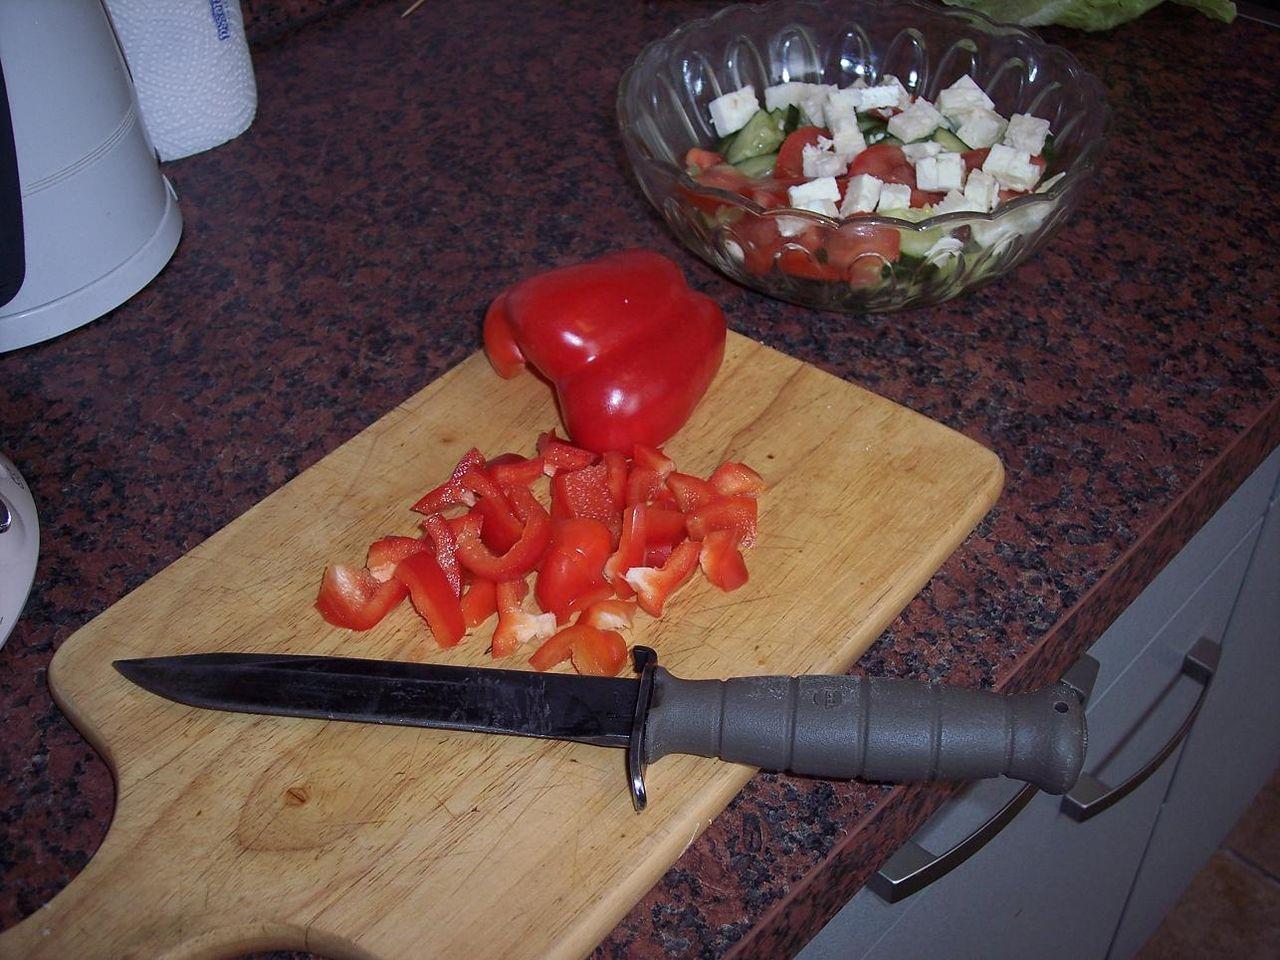 Режит ножикам яйца и писюн фото 3 фотография